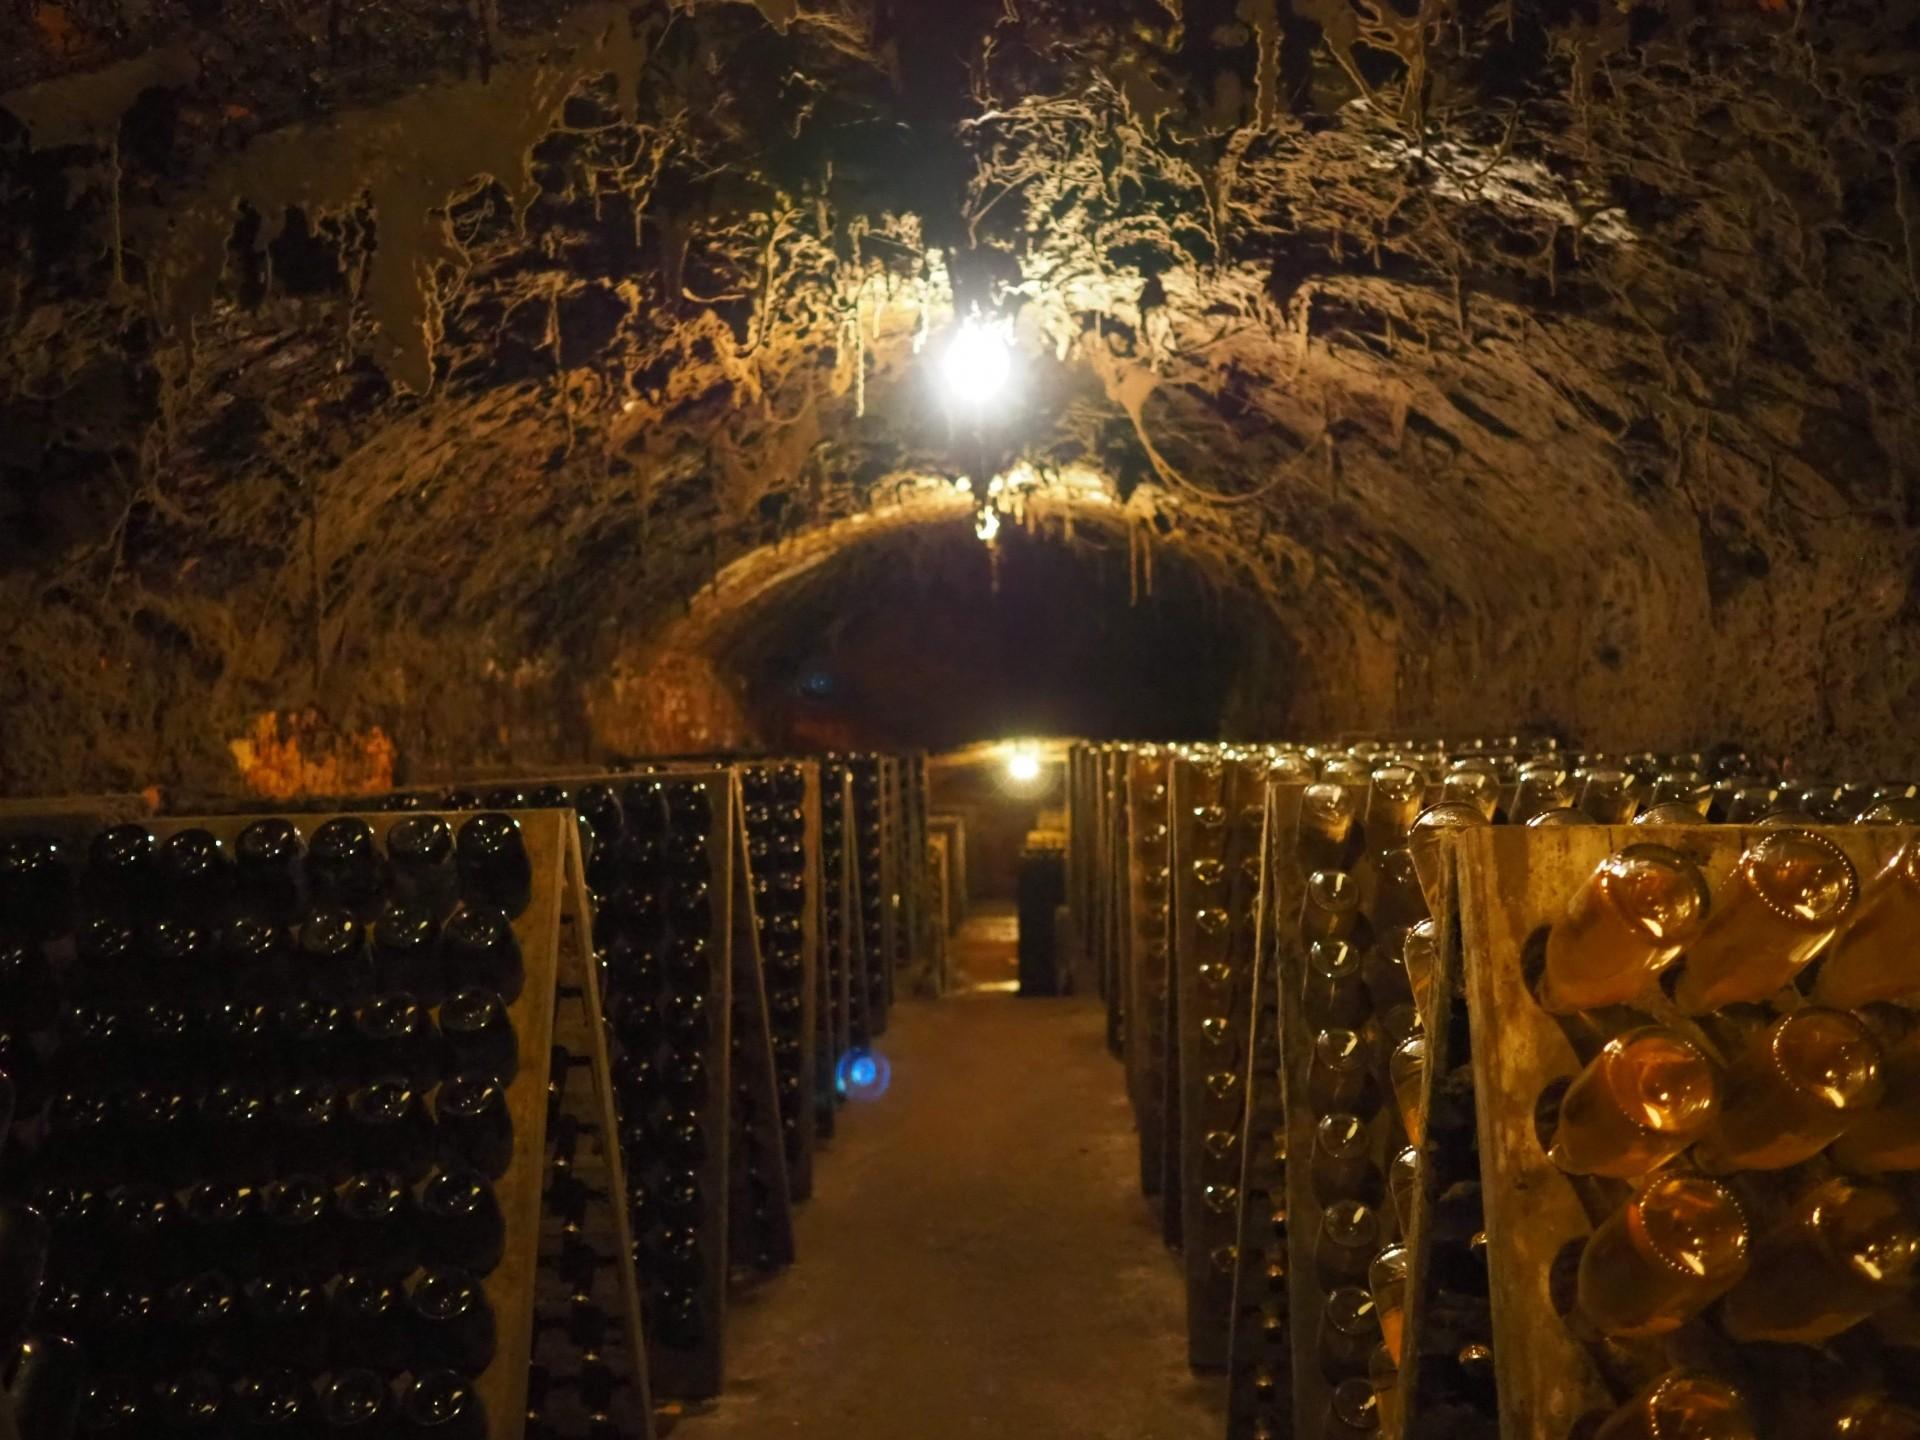 バイラーダ地方の伝統シャンパーニュ製法のワインの作り手さんにも会いに行きました。